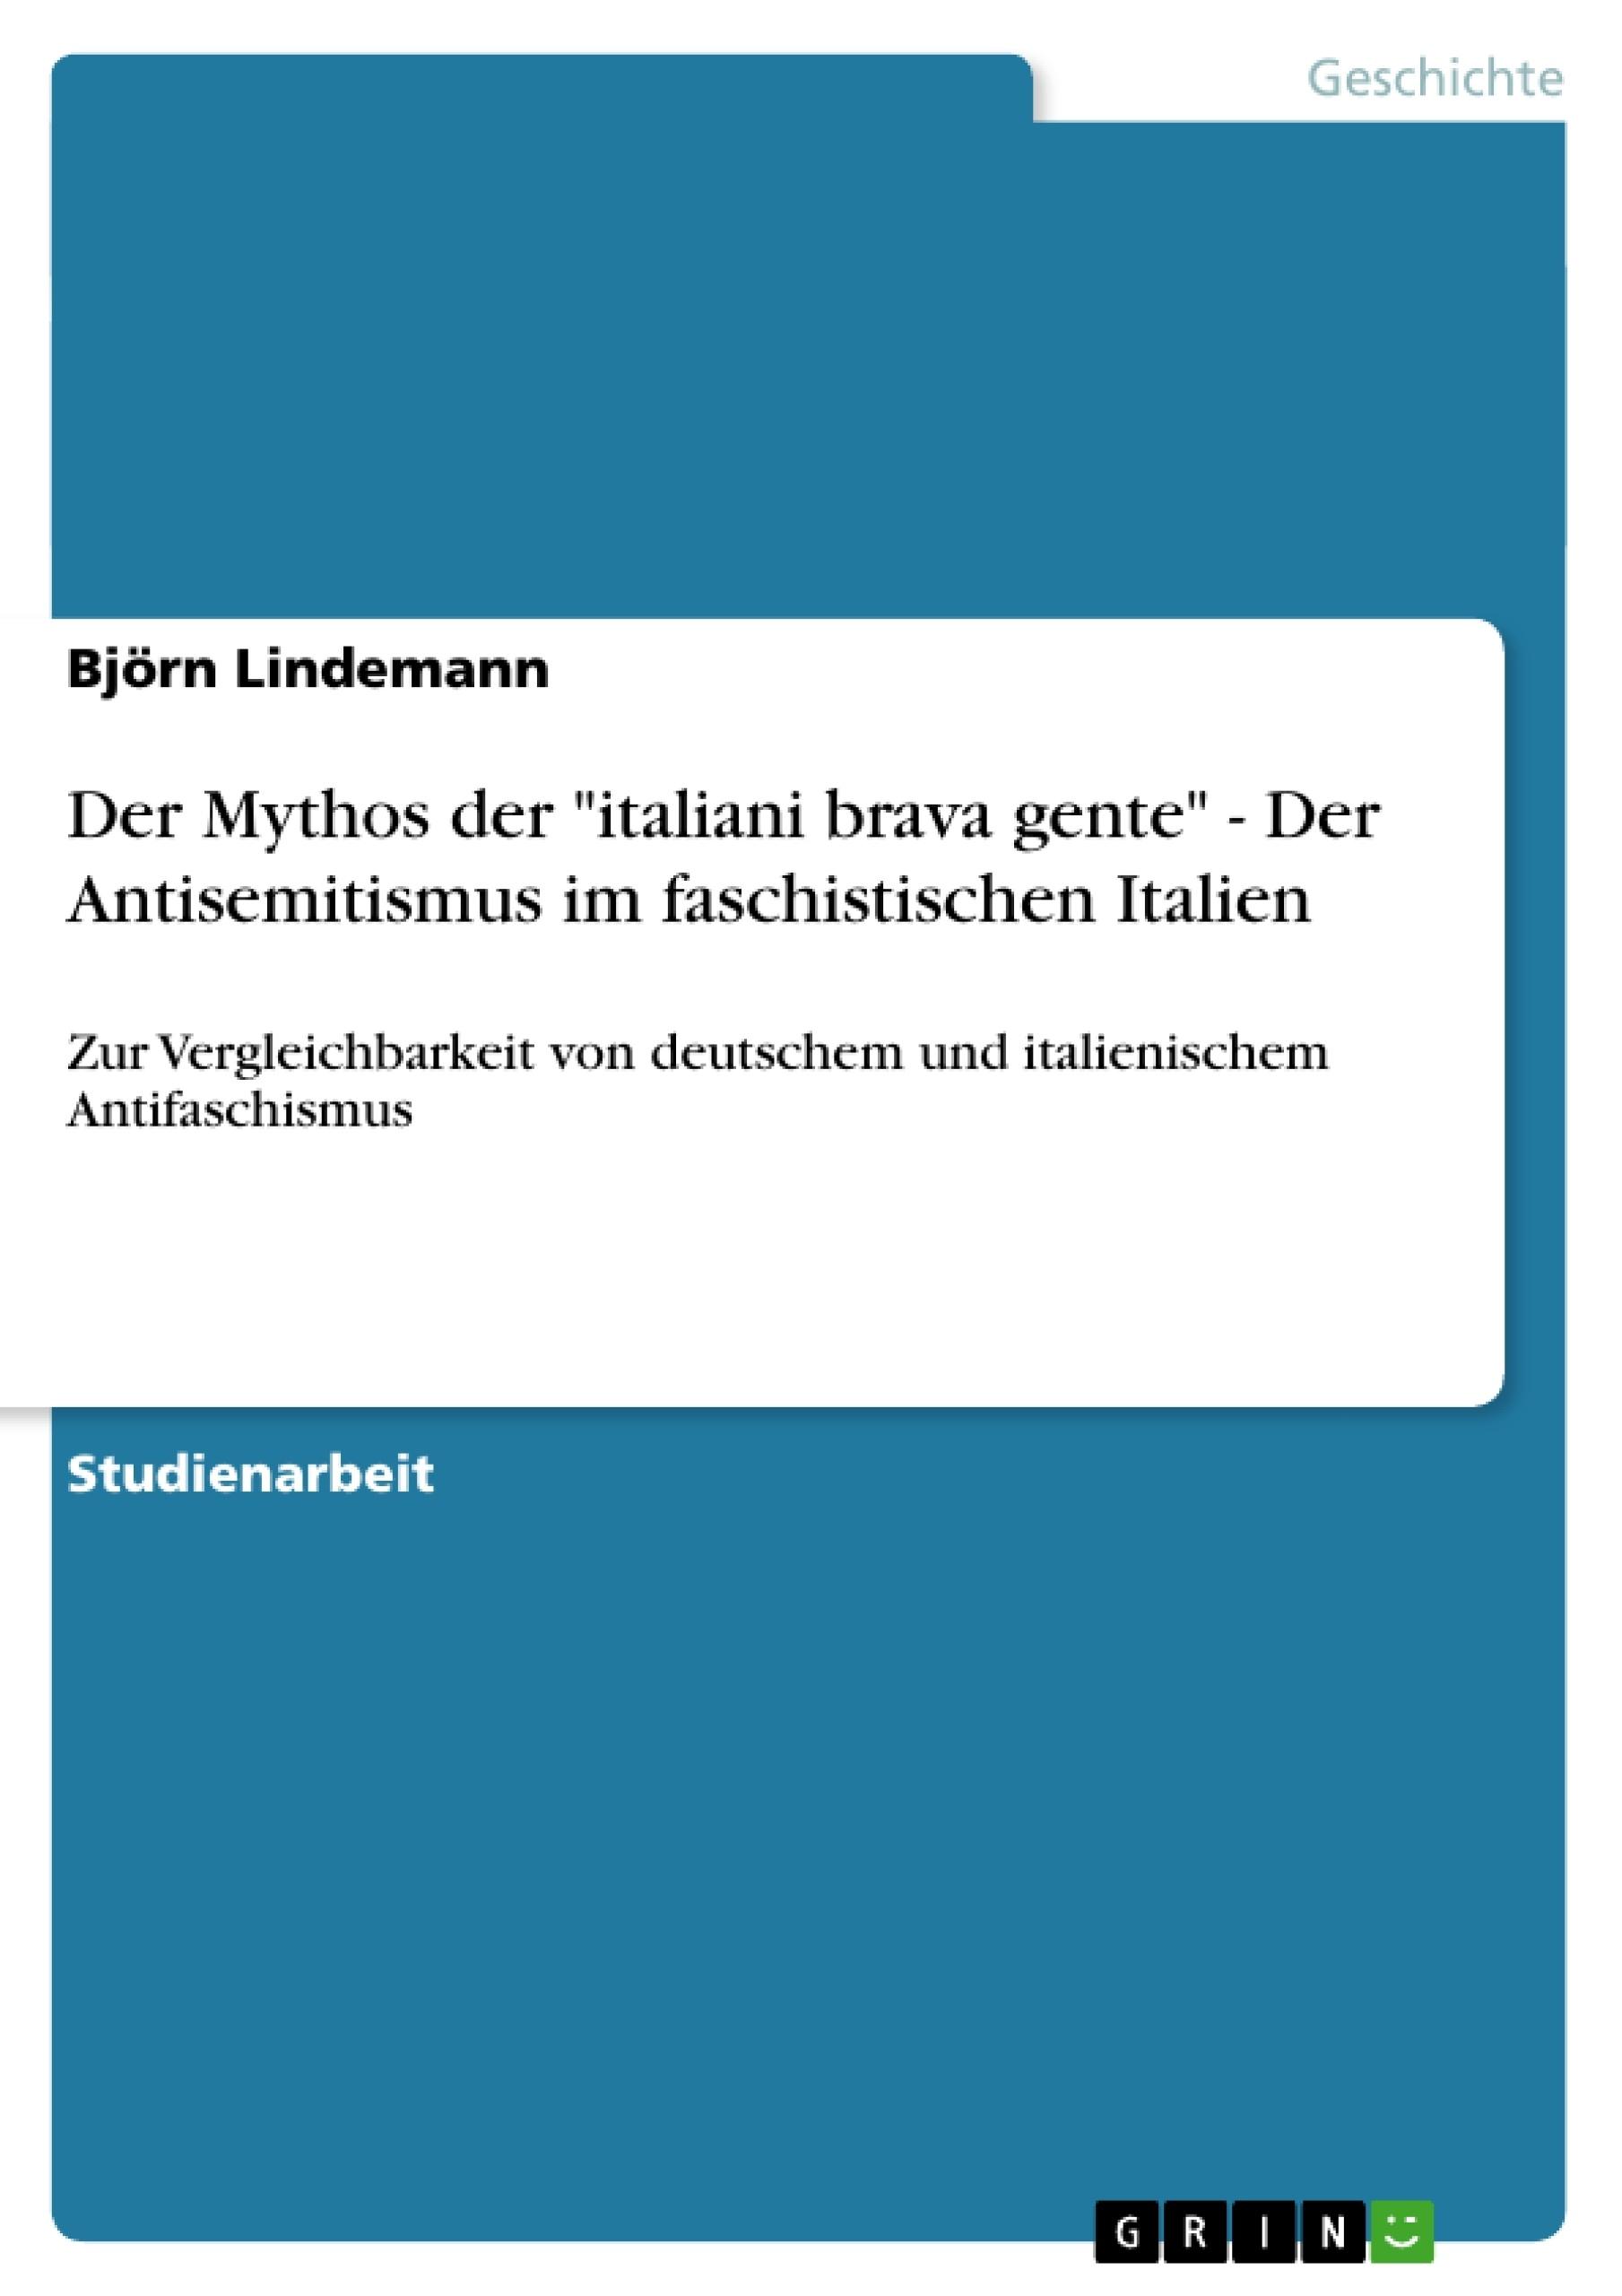 """Titel: Der Mythos der """"italiani brava gente"""" - Der Antisemitismus im faschistischen Italien"""